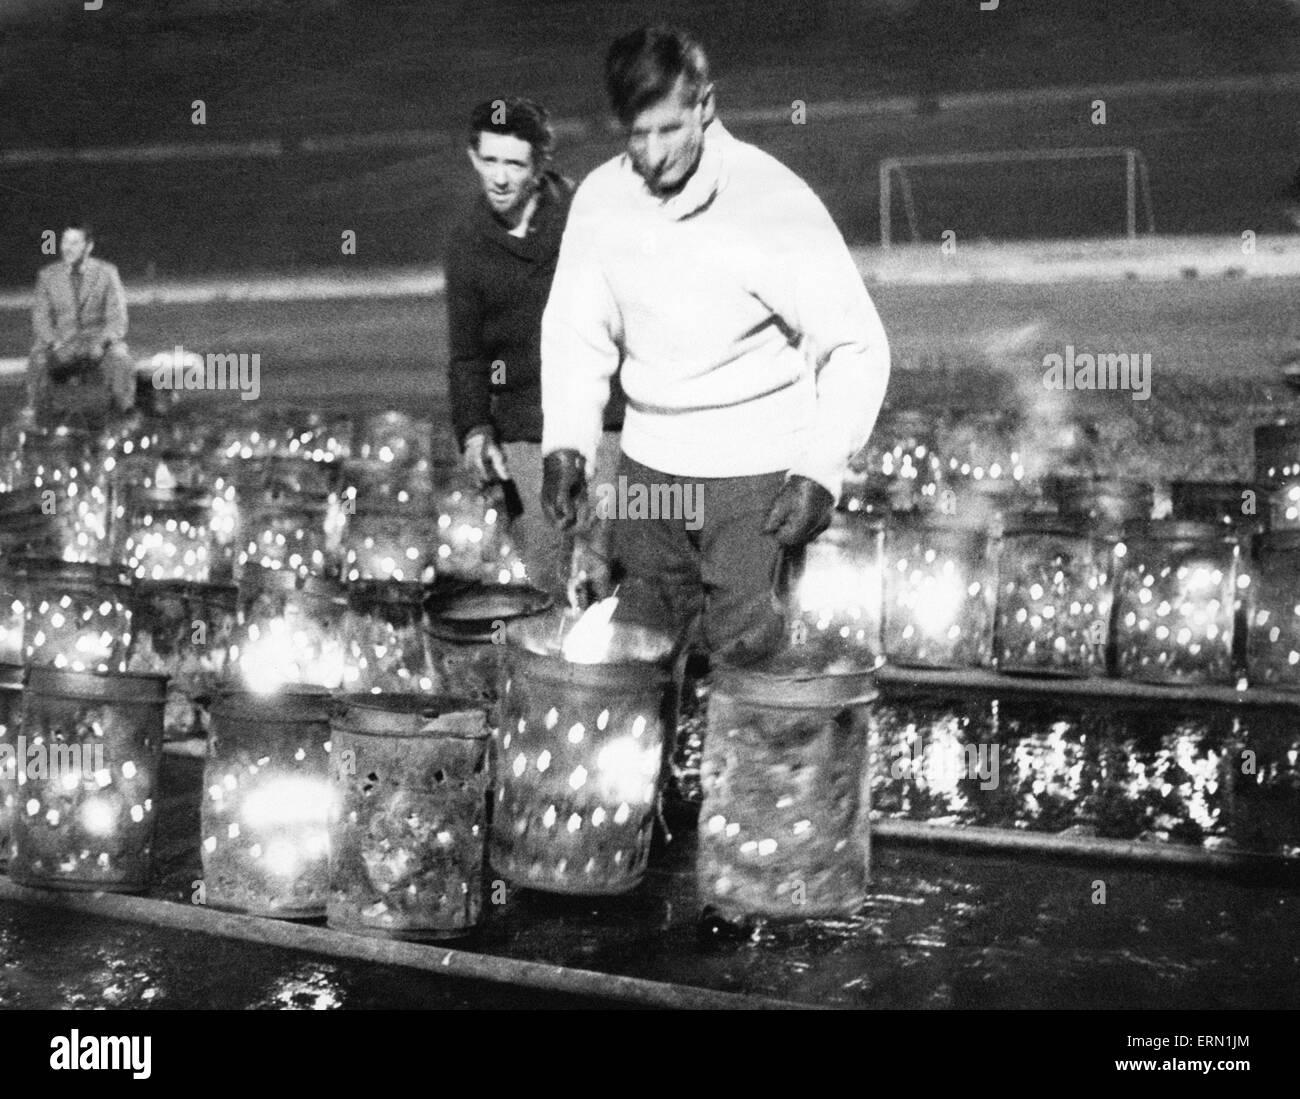 Le réchauffement de l'terrain gelé à St Andrews, terrain du Birmingham City Football club. 21 février 1963. Banque D'Images